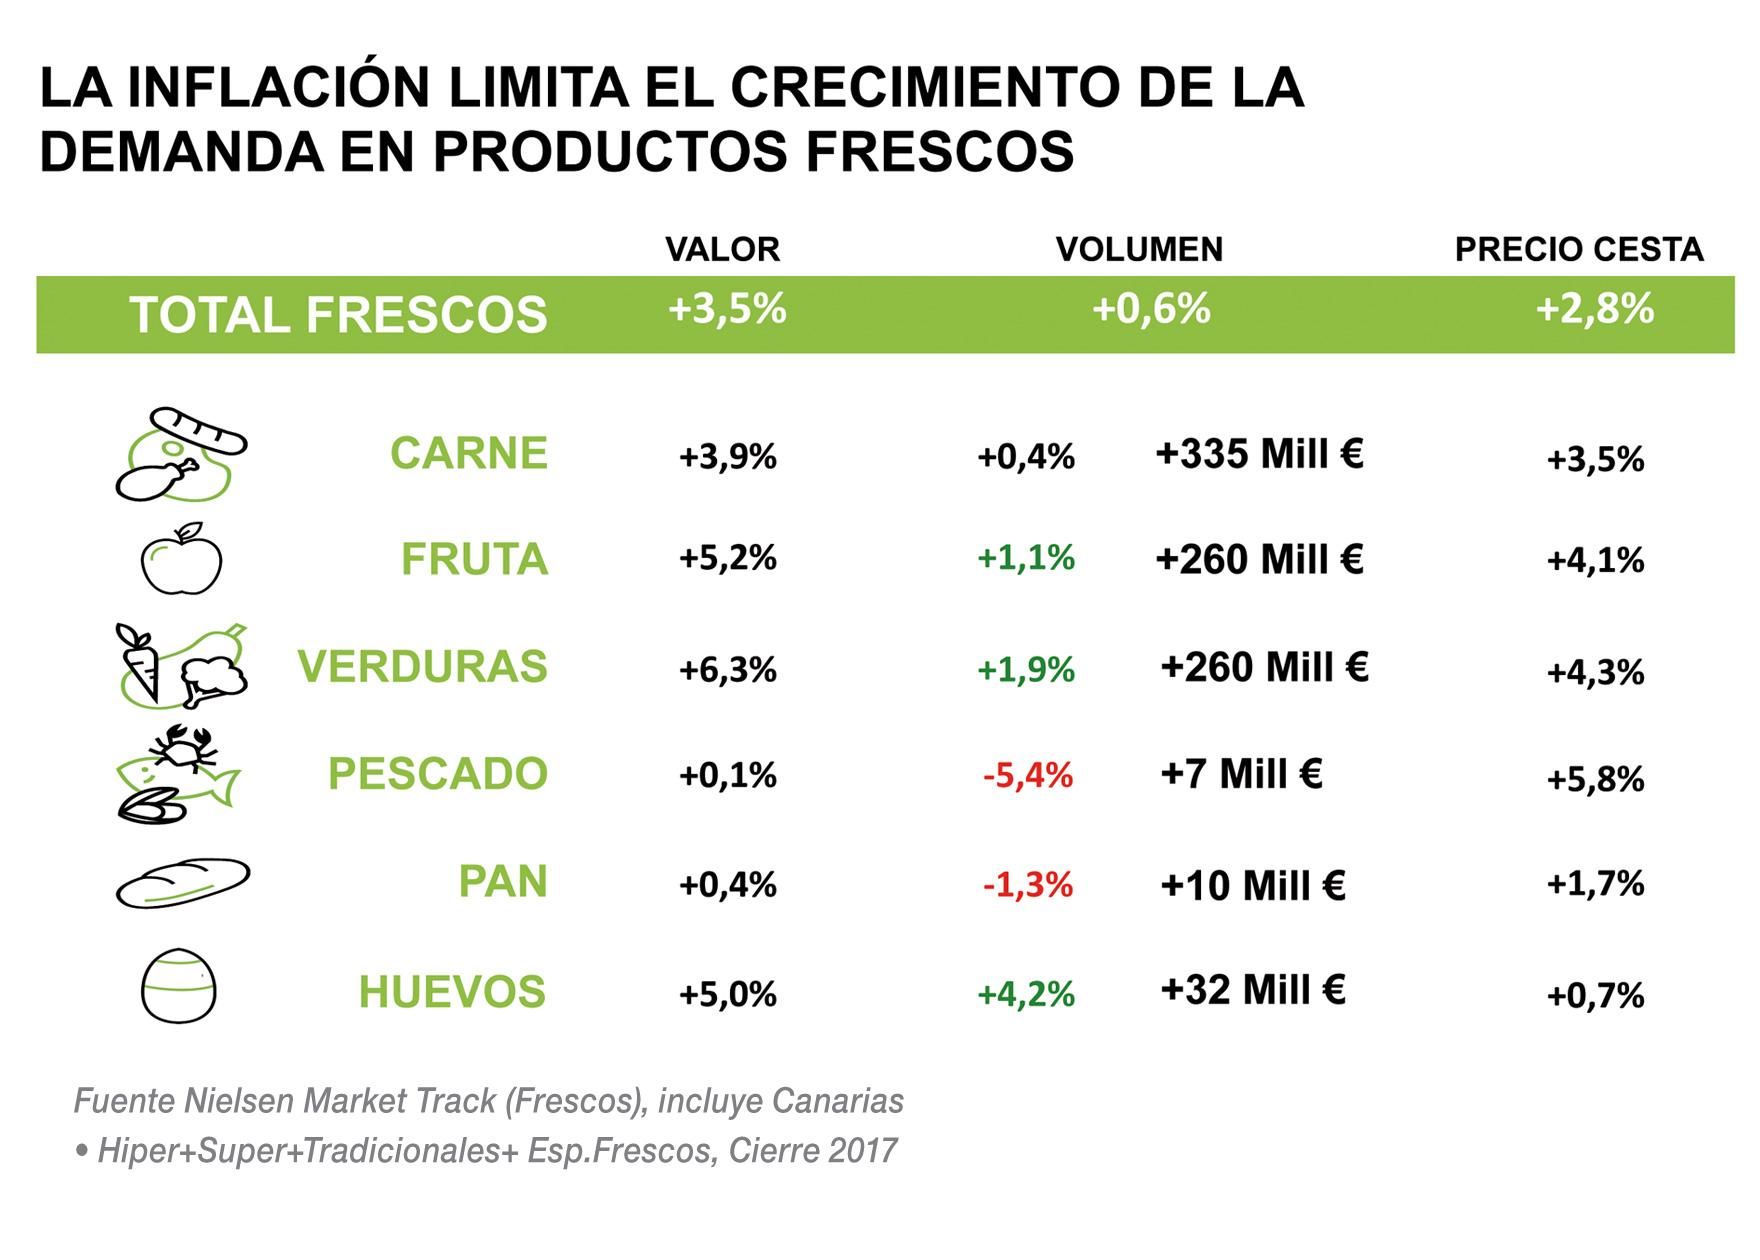 La inflación limita el crecimiento de la demanda en productos frescos